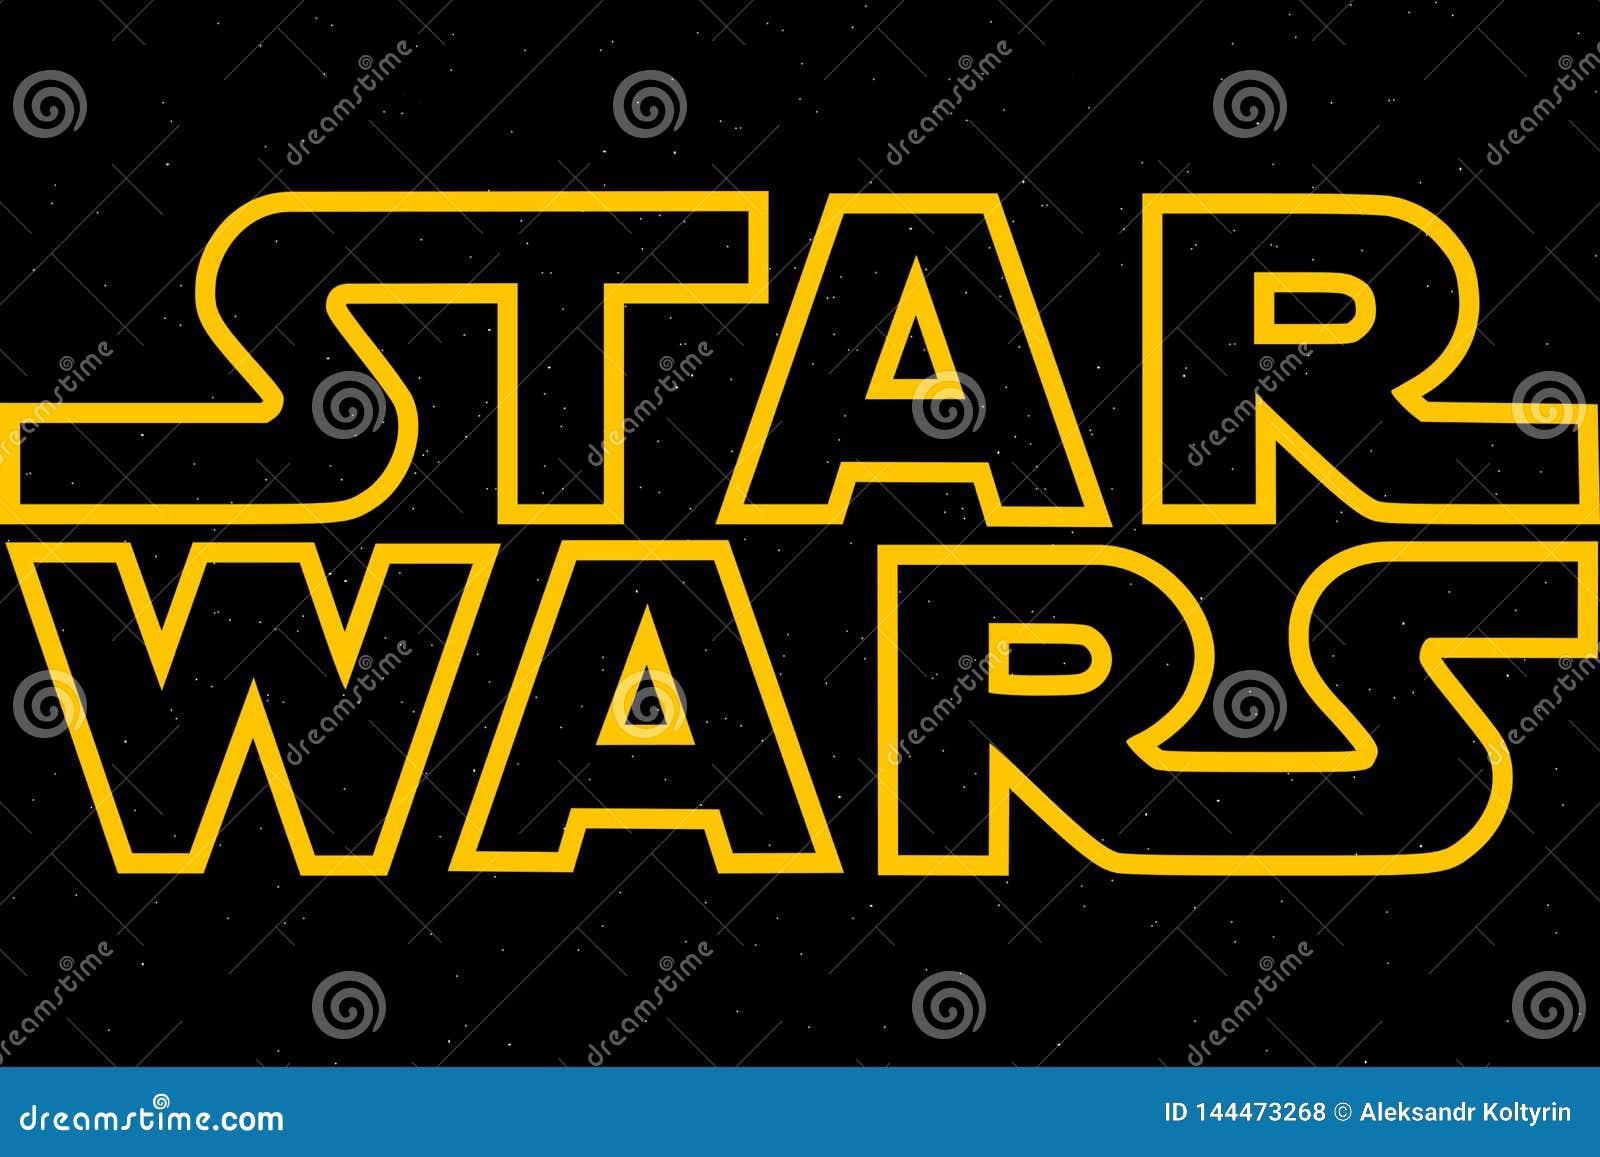 ST PETERSBURG, RUSSLAND - 6. APRIL 2019: Kriege der Sterne ist der Titel der Trilogie und der 9. Episode Illustrativer Leitartike